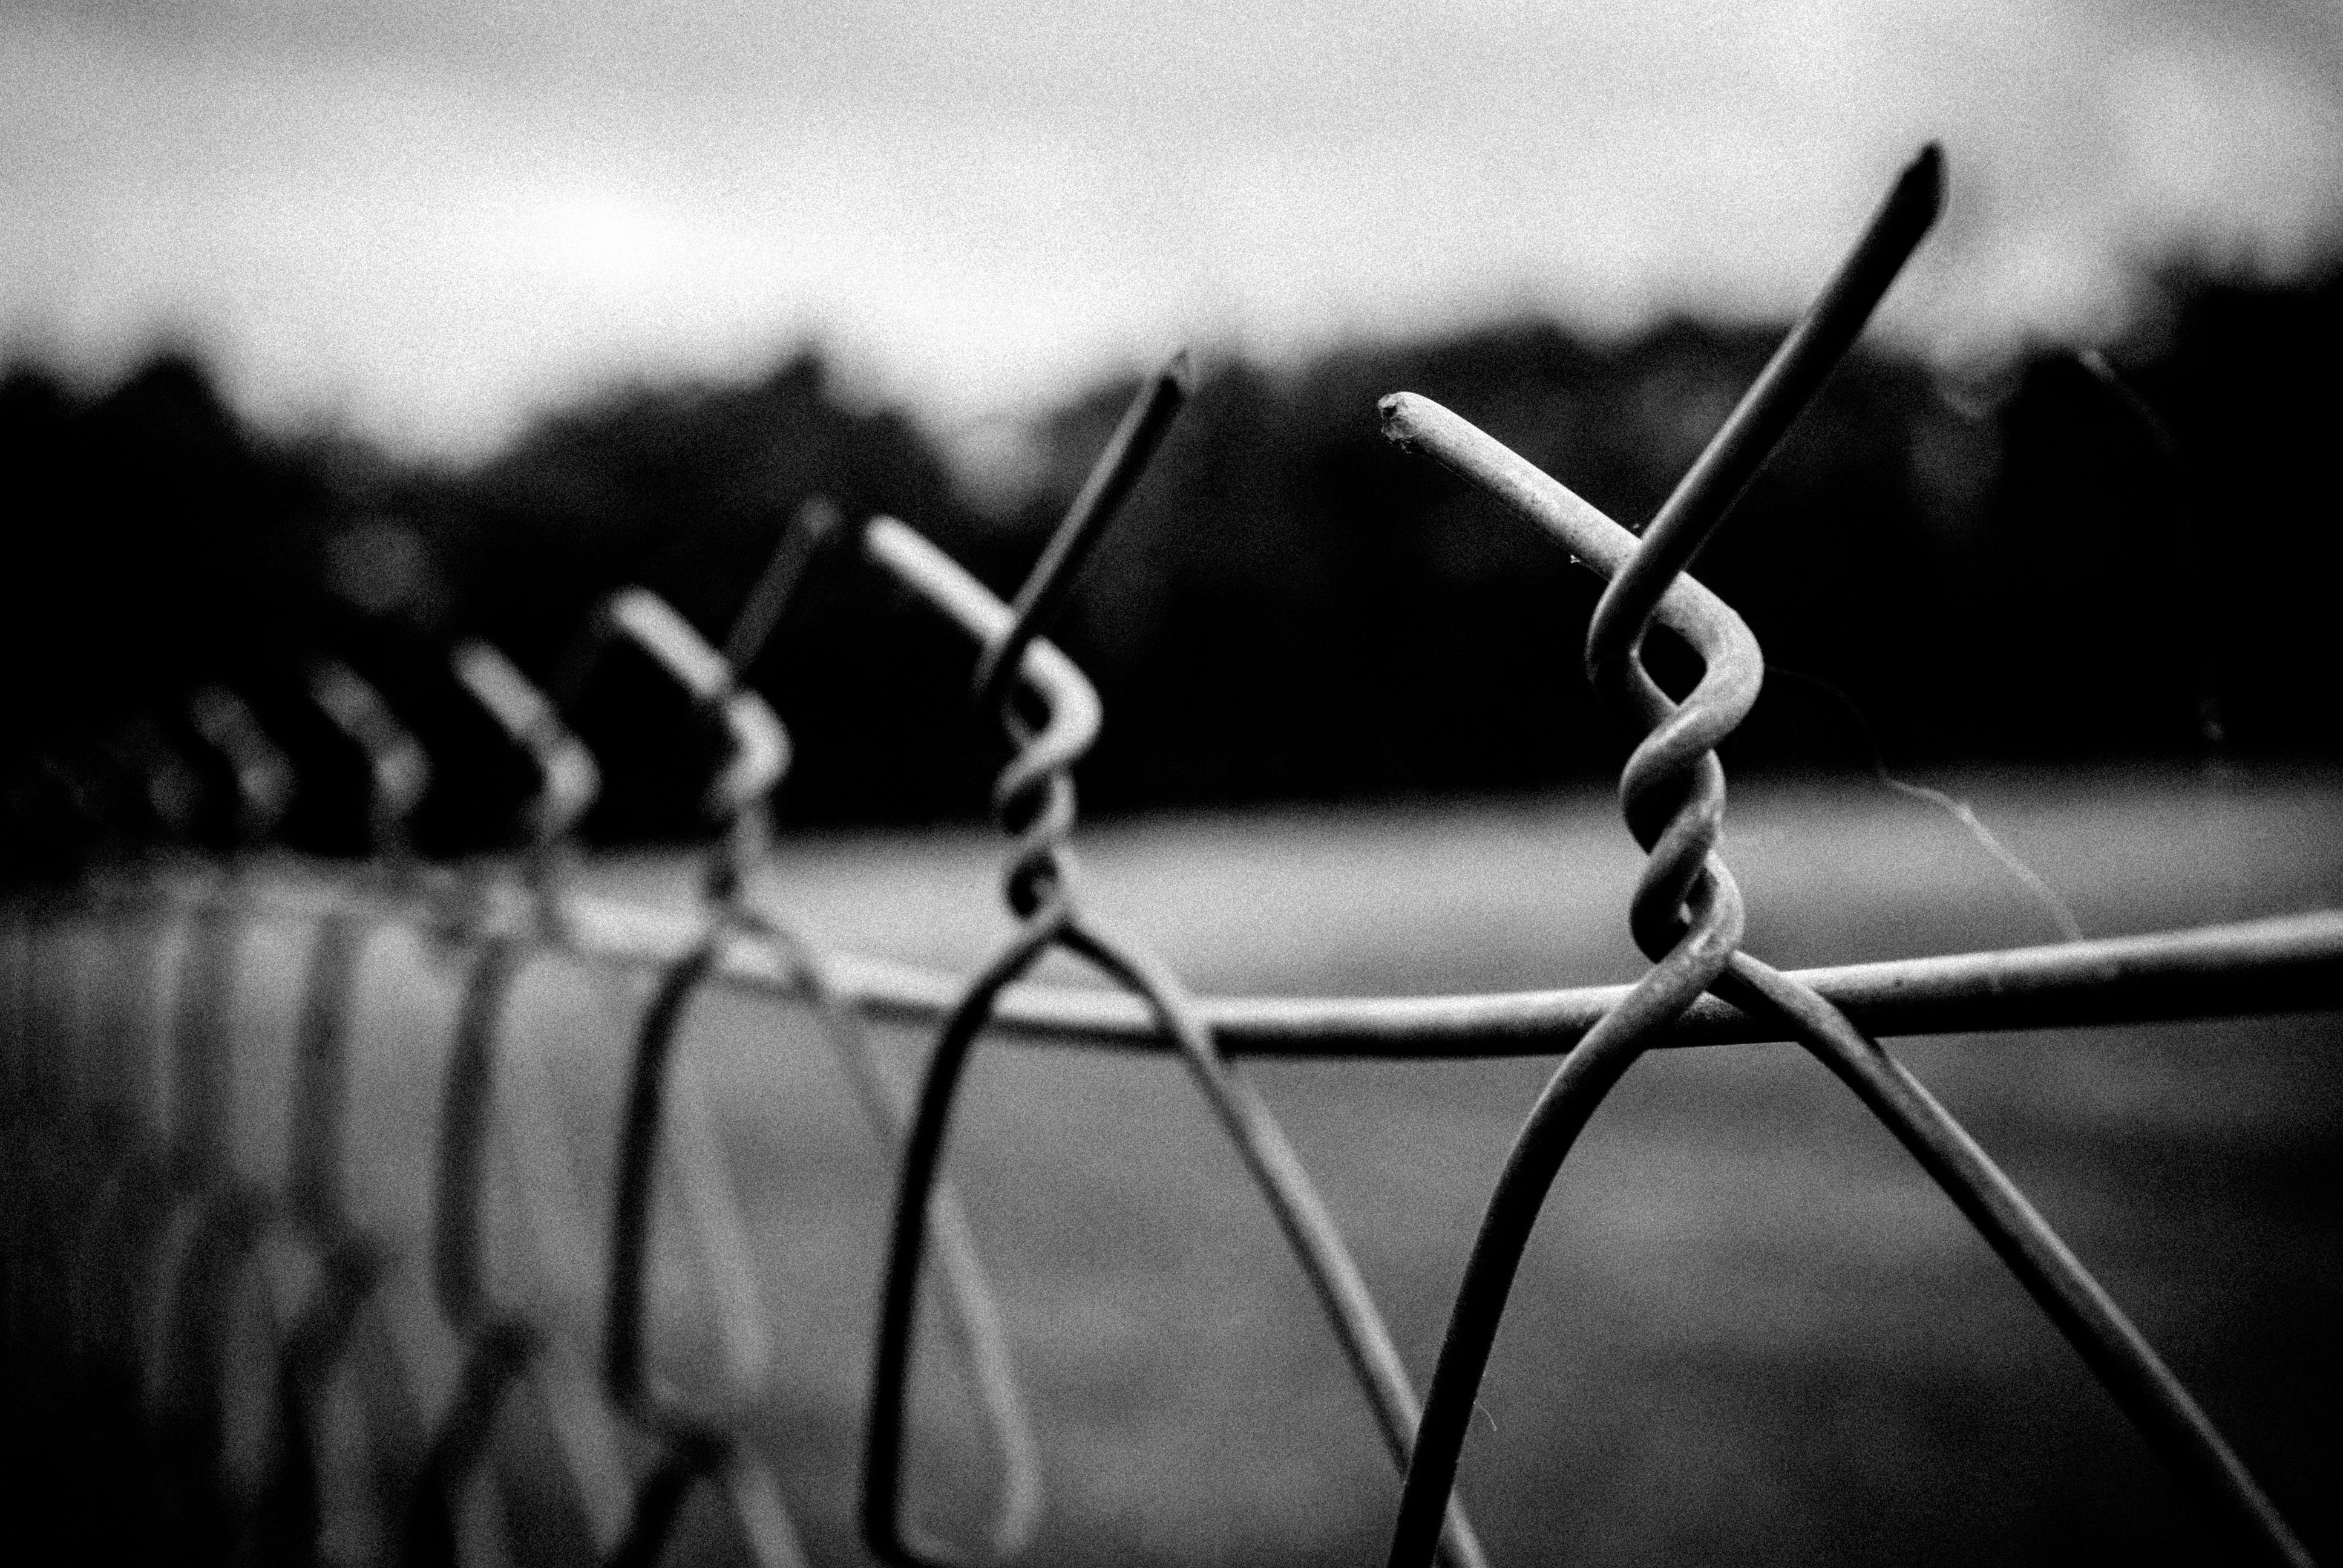 Бунт произошел в тюрьме строгого режима в городе Худжанде / фото: Jérémy LARROQUE